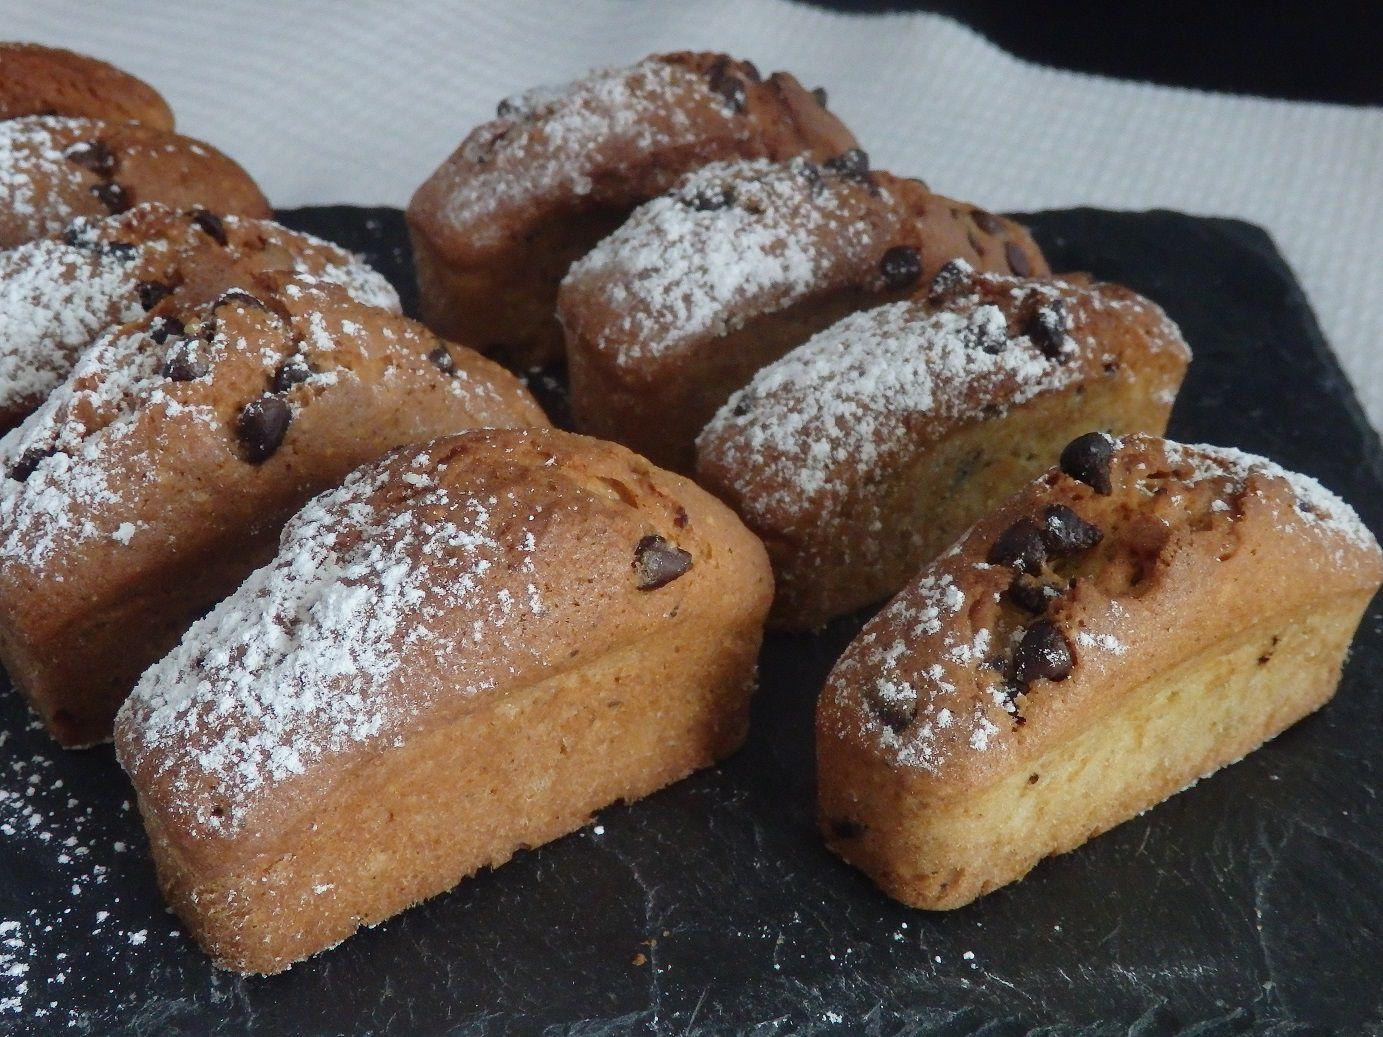 Petits cakes au levain et pépites de chocolat noir